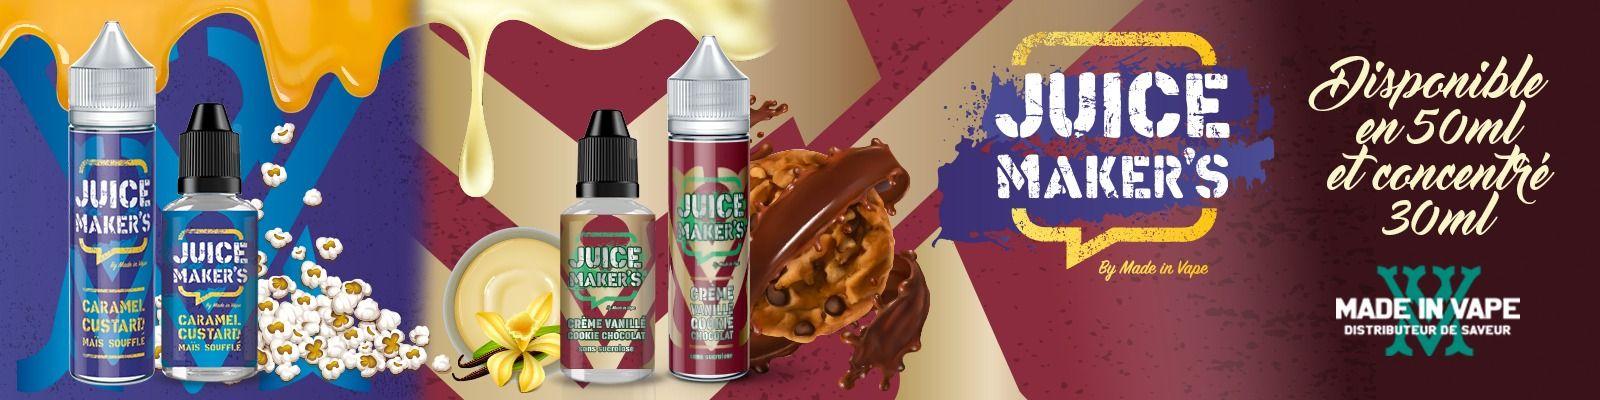 Juicemaker's